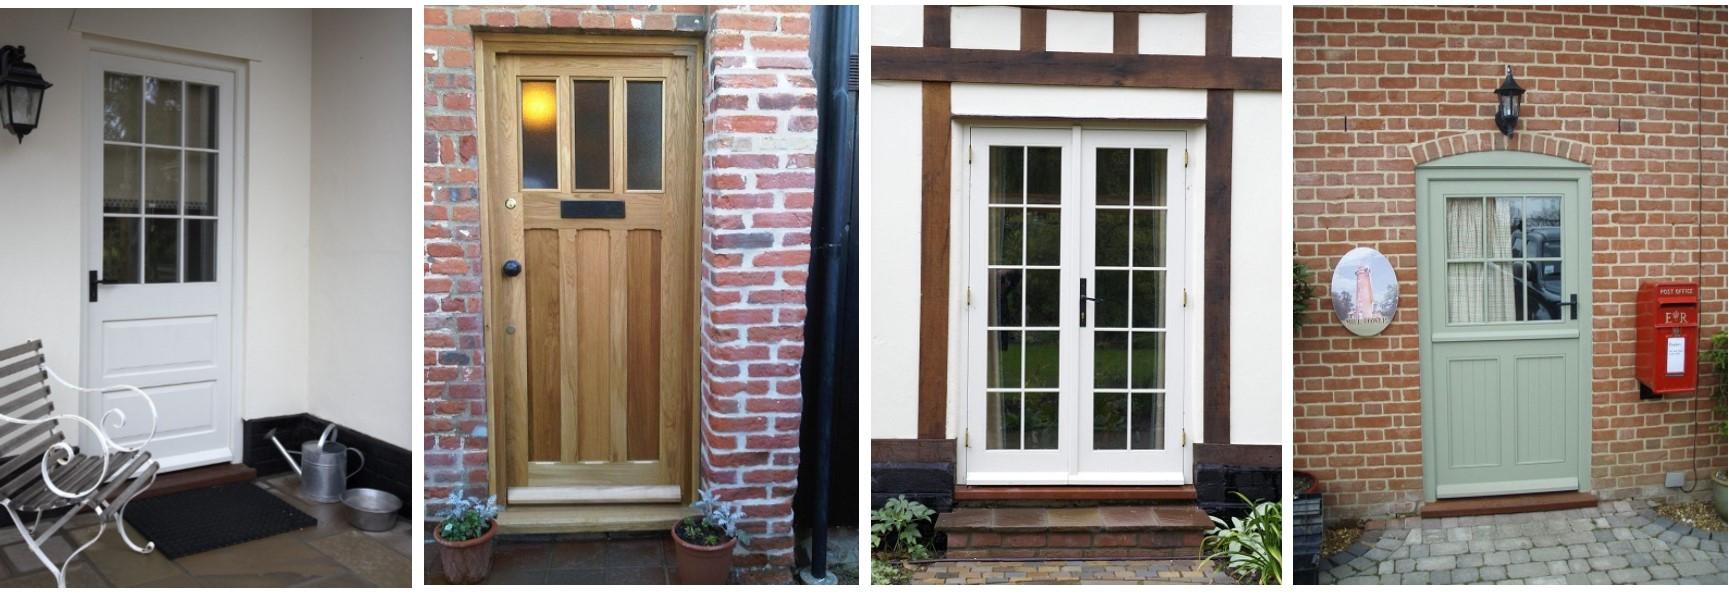 Ledge and brace oak doors - Wooden Doors